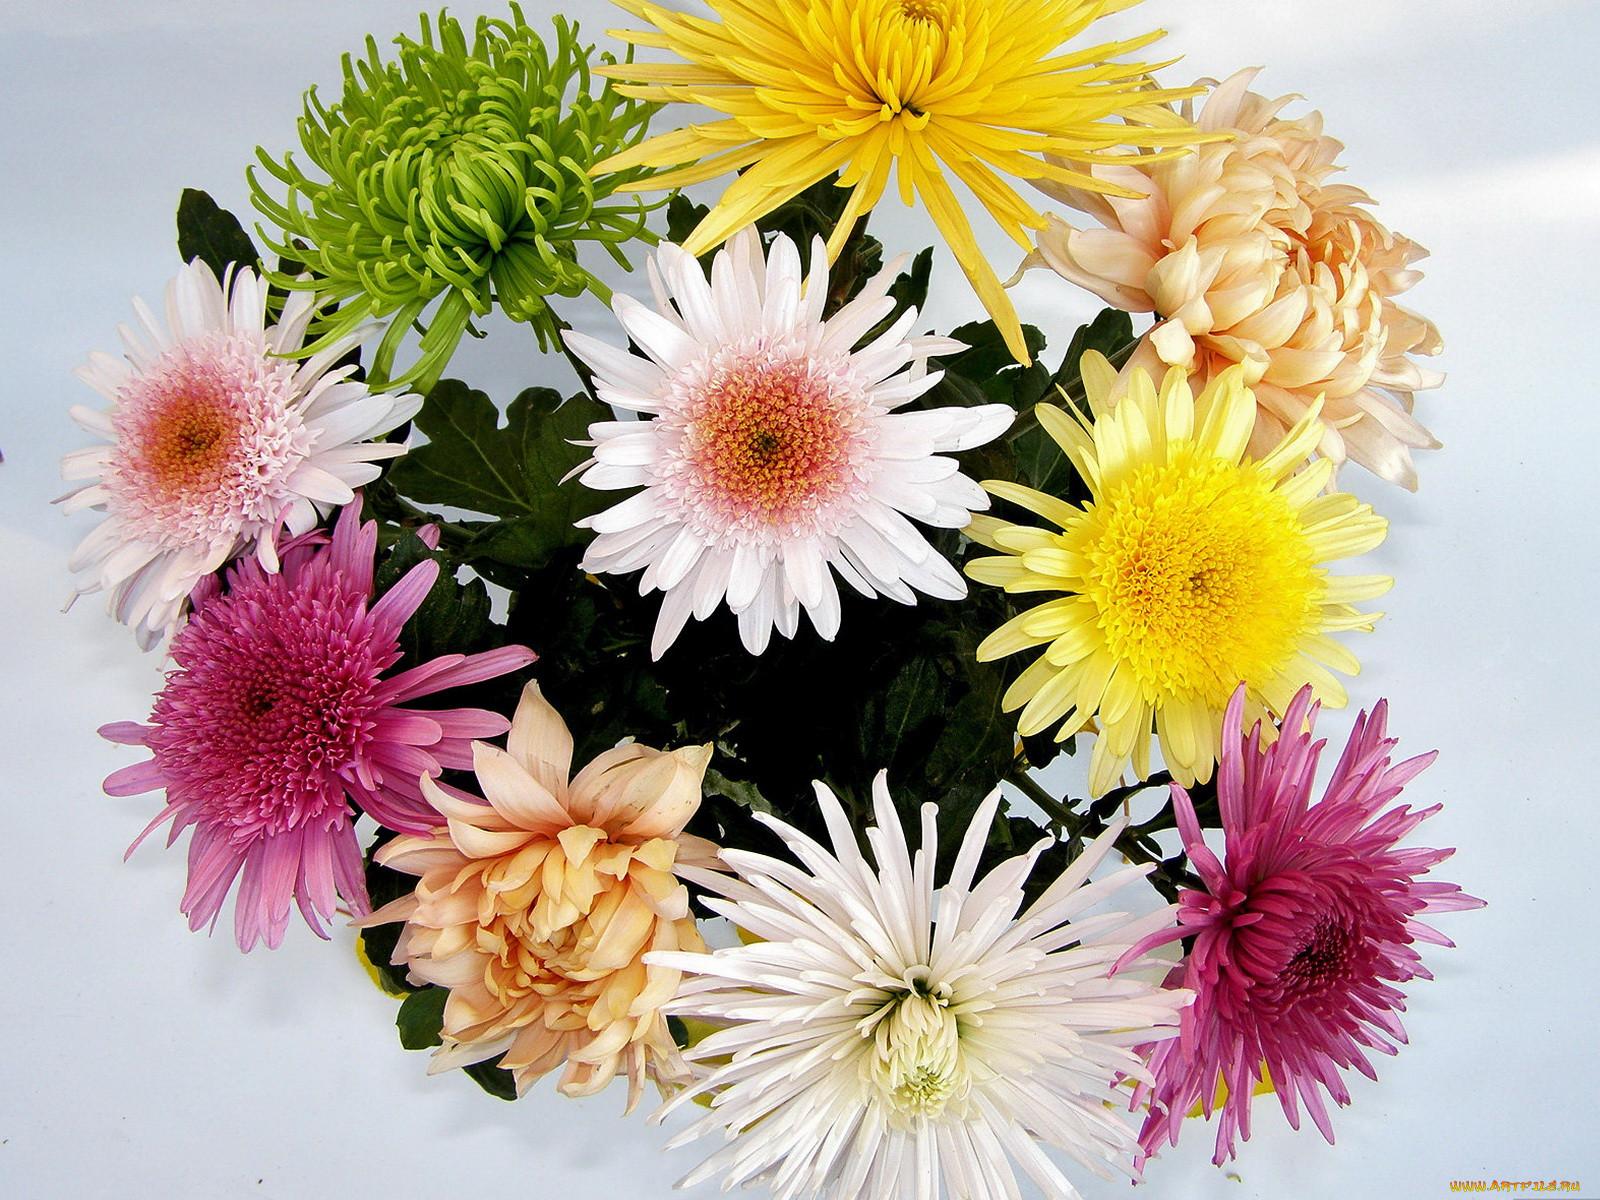 фото открытка хризантемы талант отметили многие